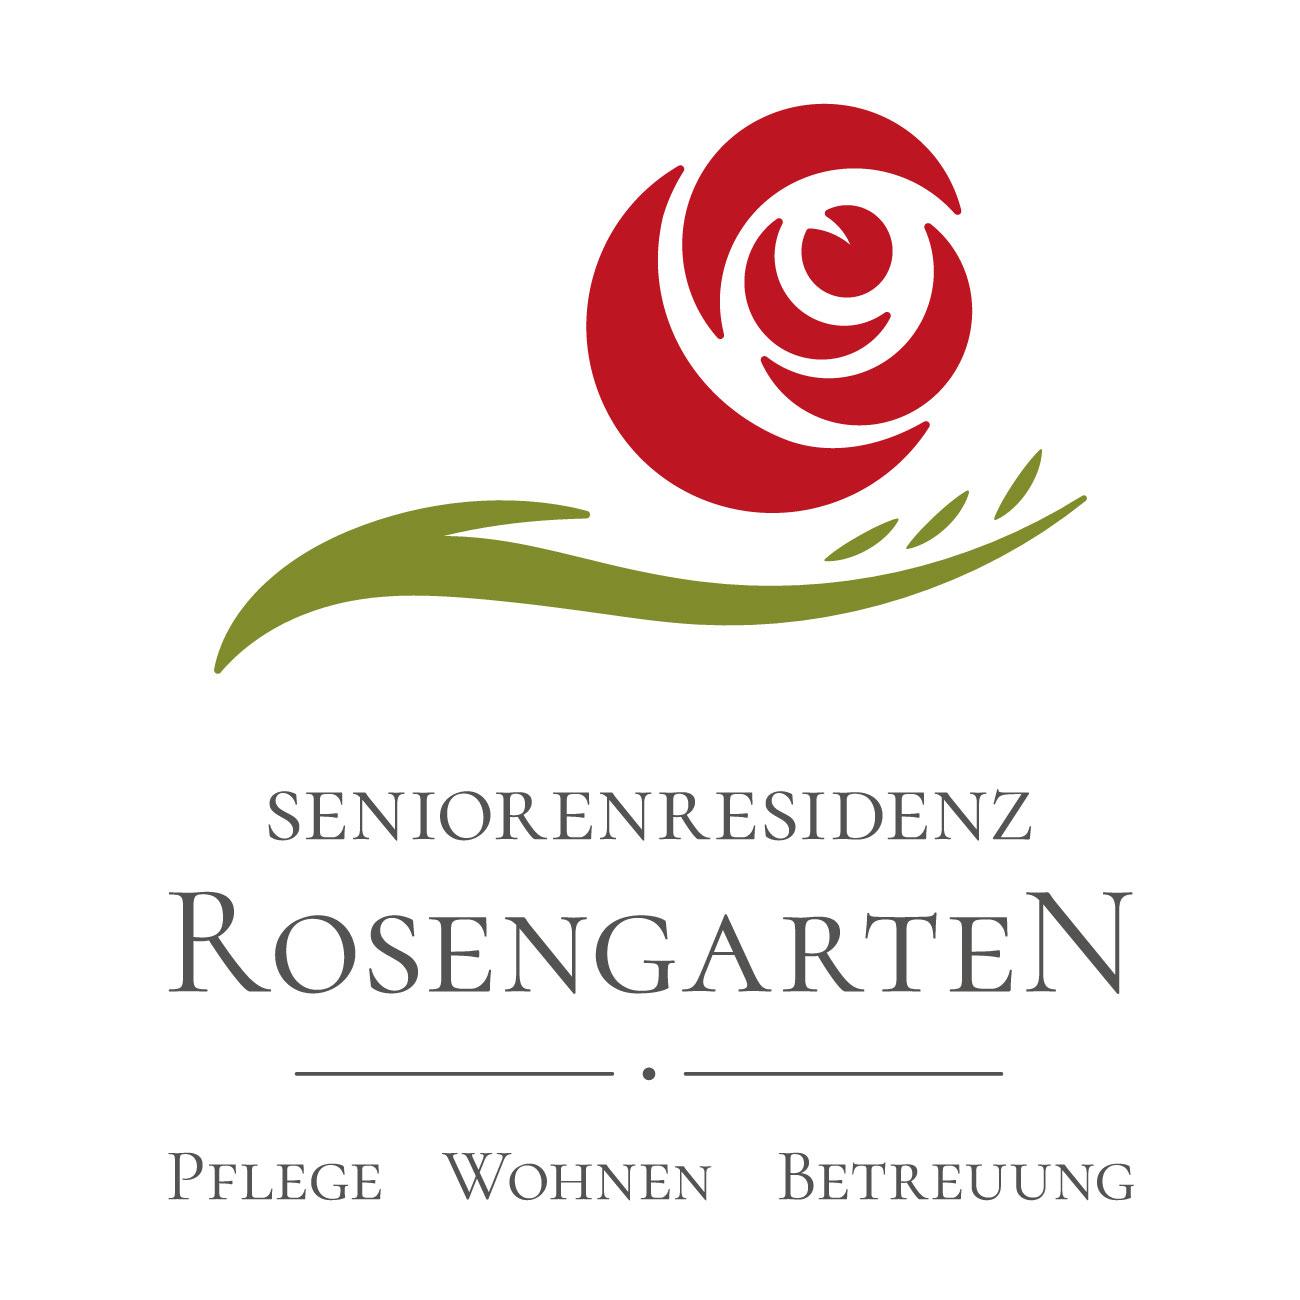 Bild zum Artikel Logodesign für Seniorenresidenz Rosengarten